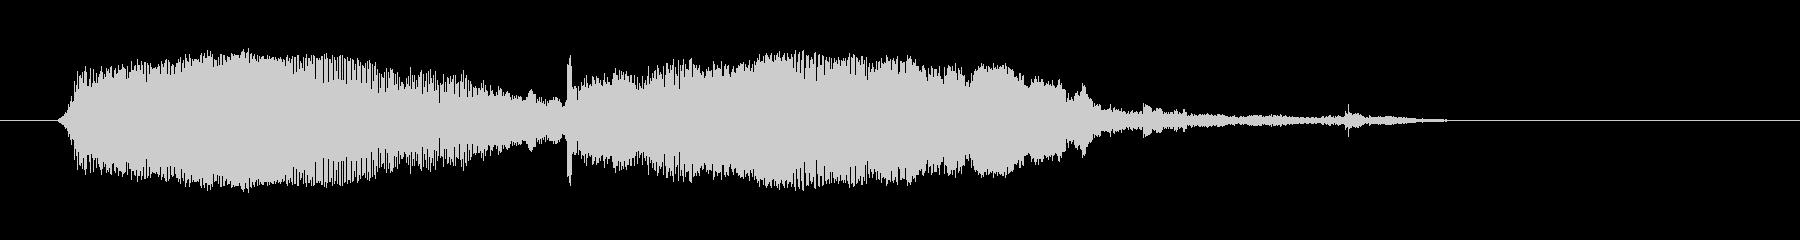 GTSカー;イン/アウトターン、C...の未再生の波形